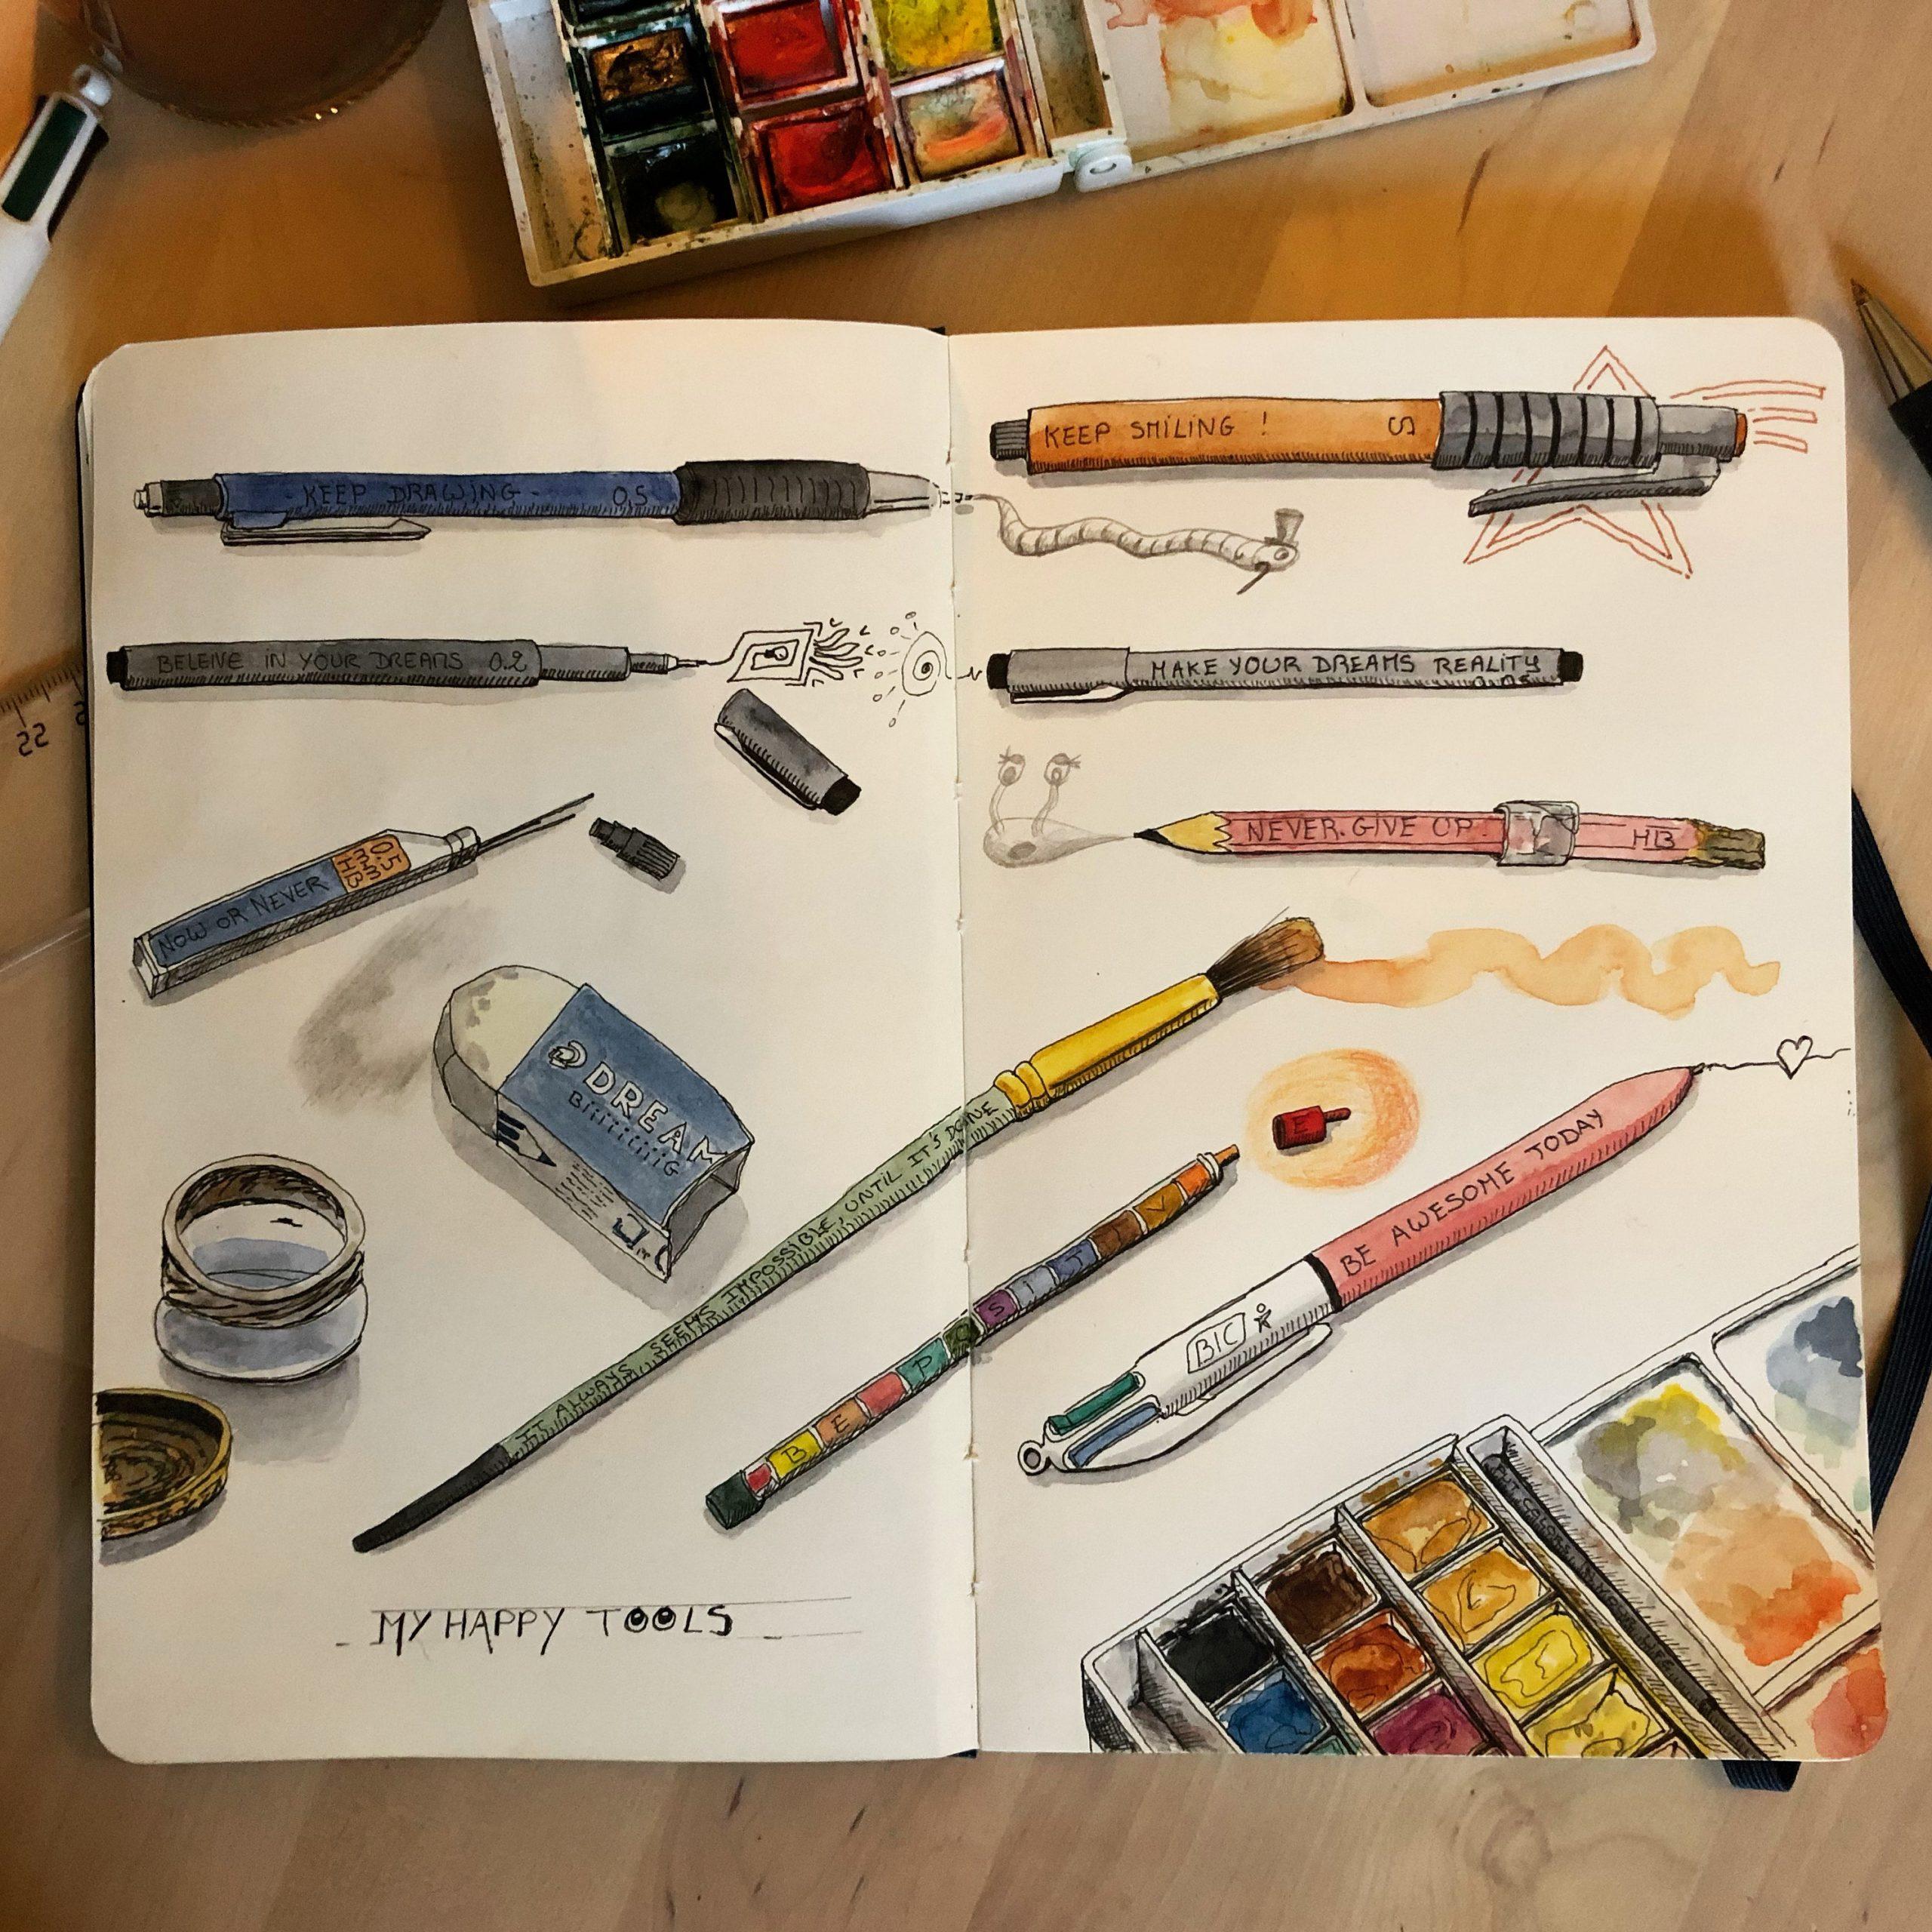 My happy tools